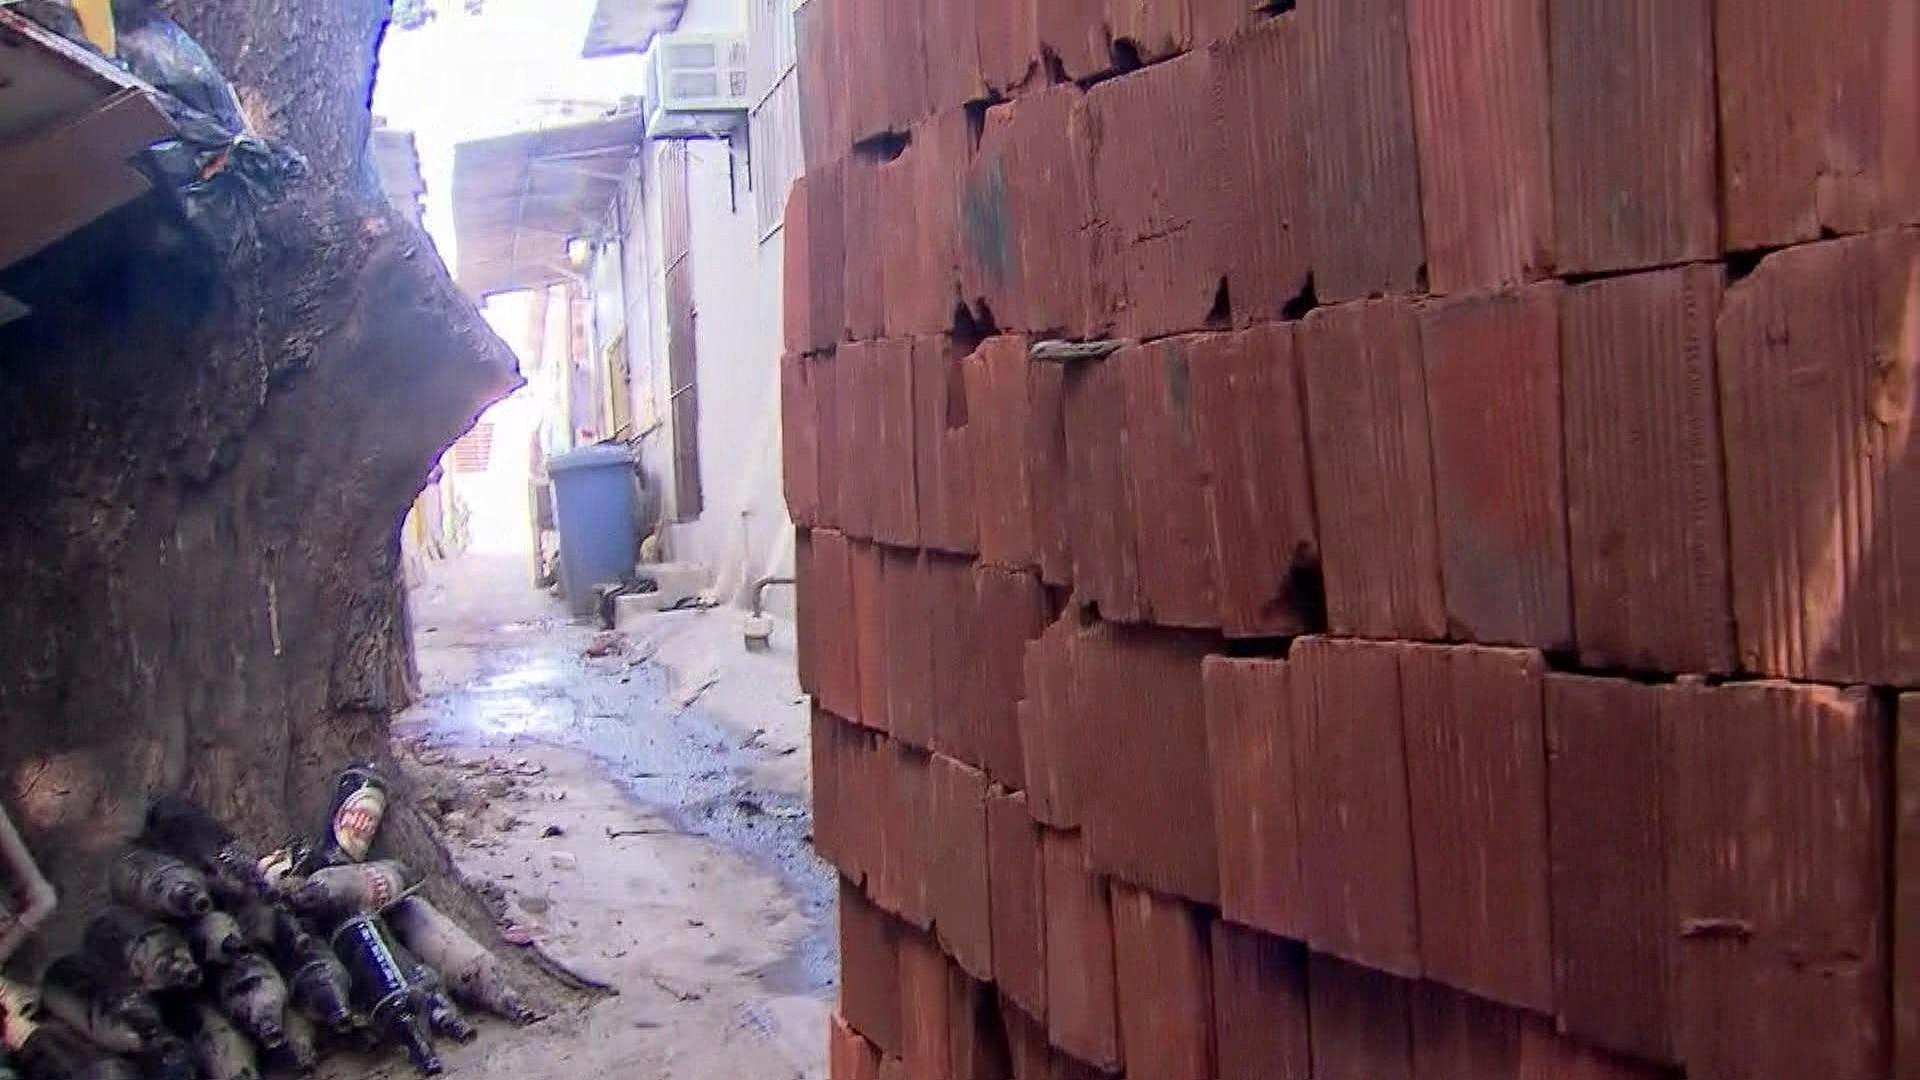 Aumento de cerca de 50% no valor de materiais de construção vira alvo de denúncia no Procon-PA